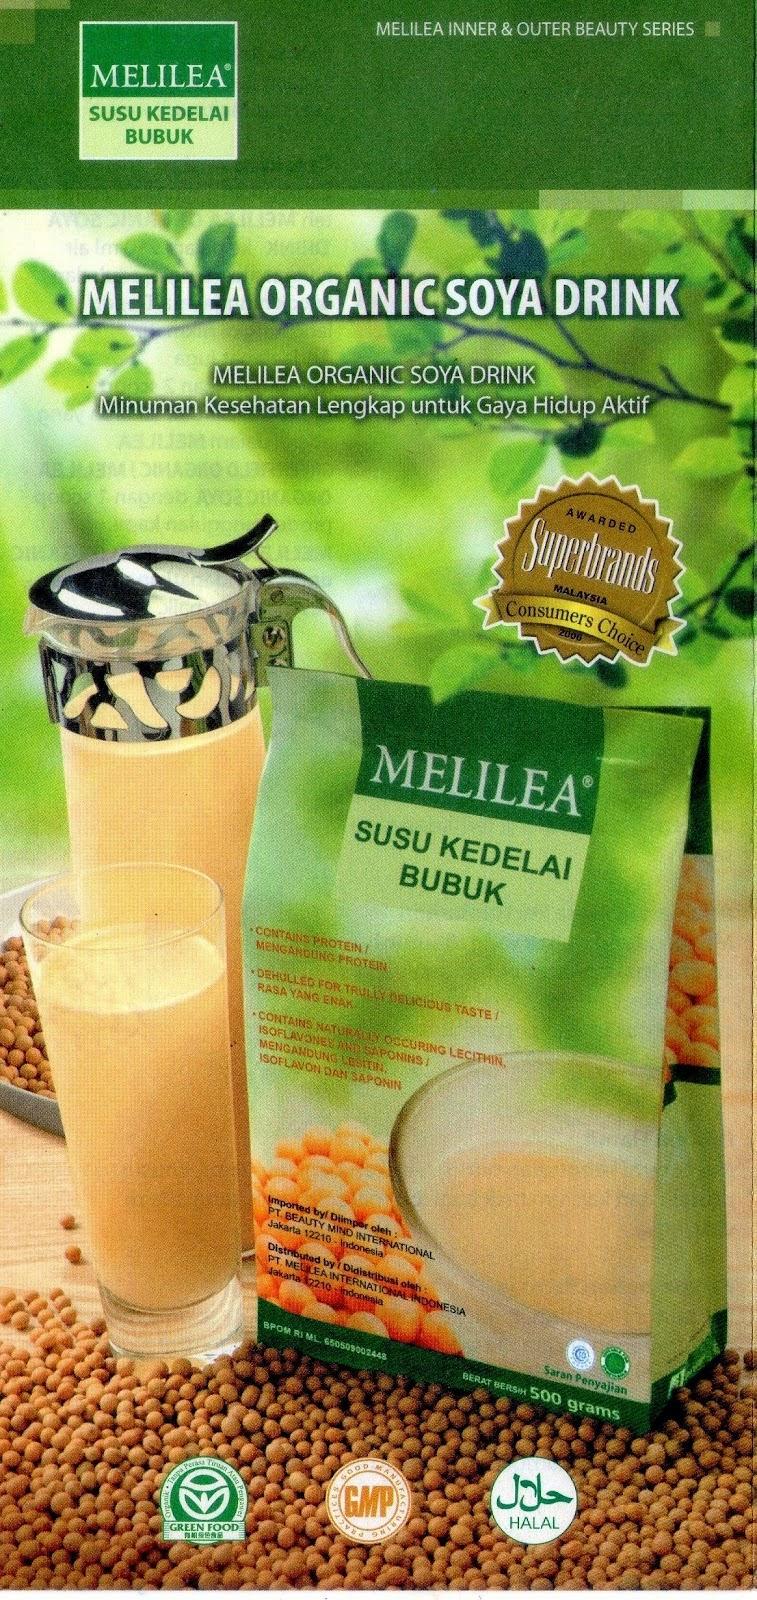 Manfaat susu kedelai Melilea untuk Kesehatan